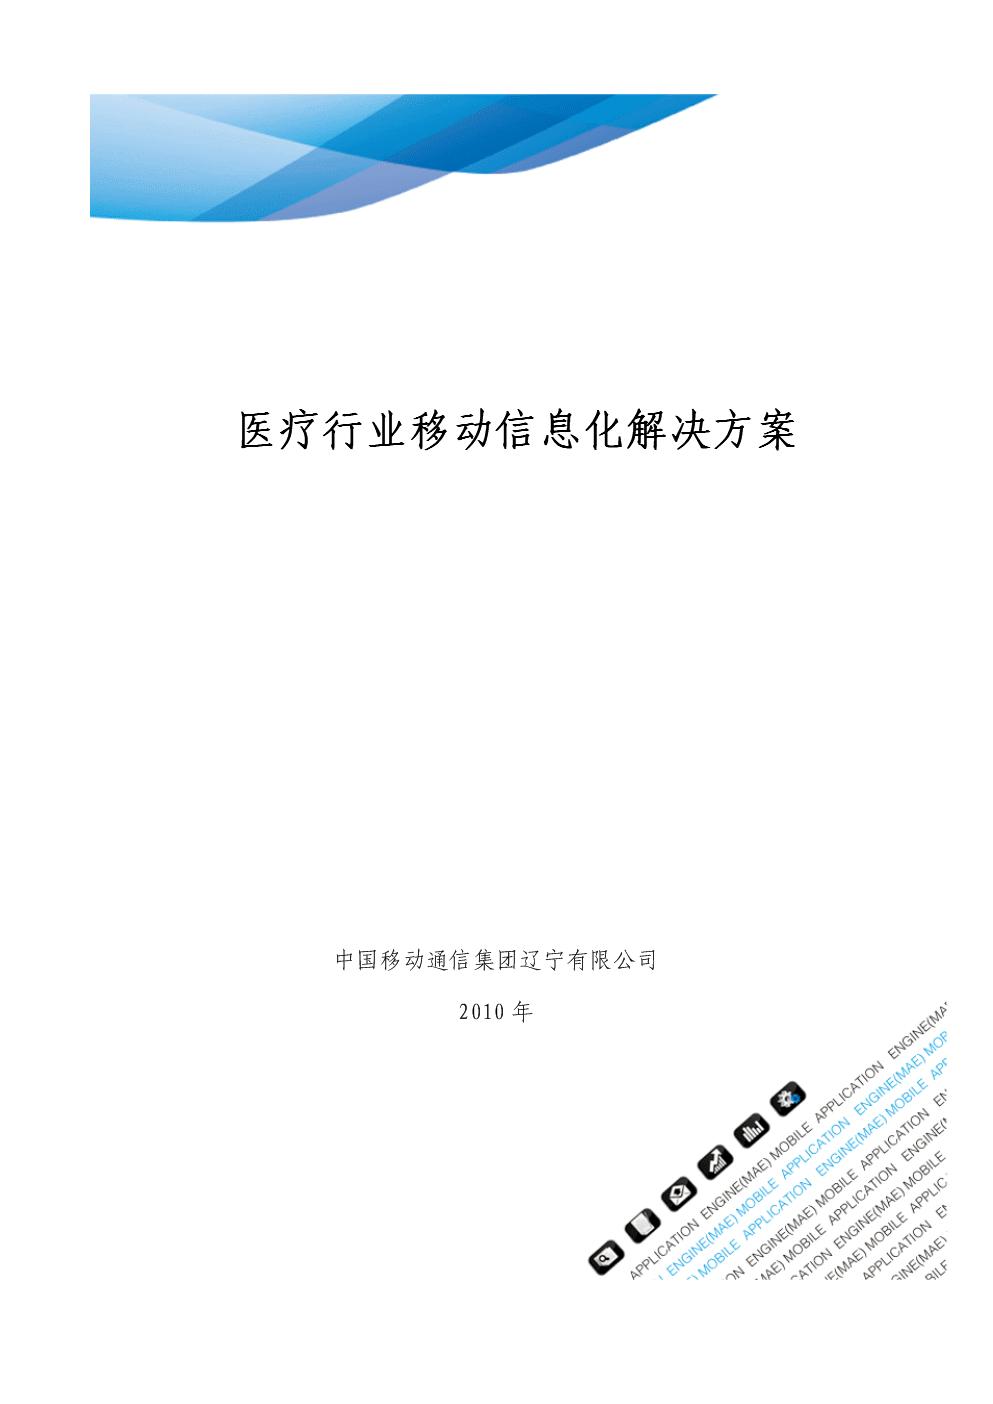 醫療行業移動信息化技術方案.doc